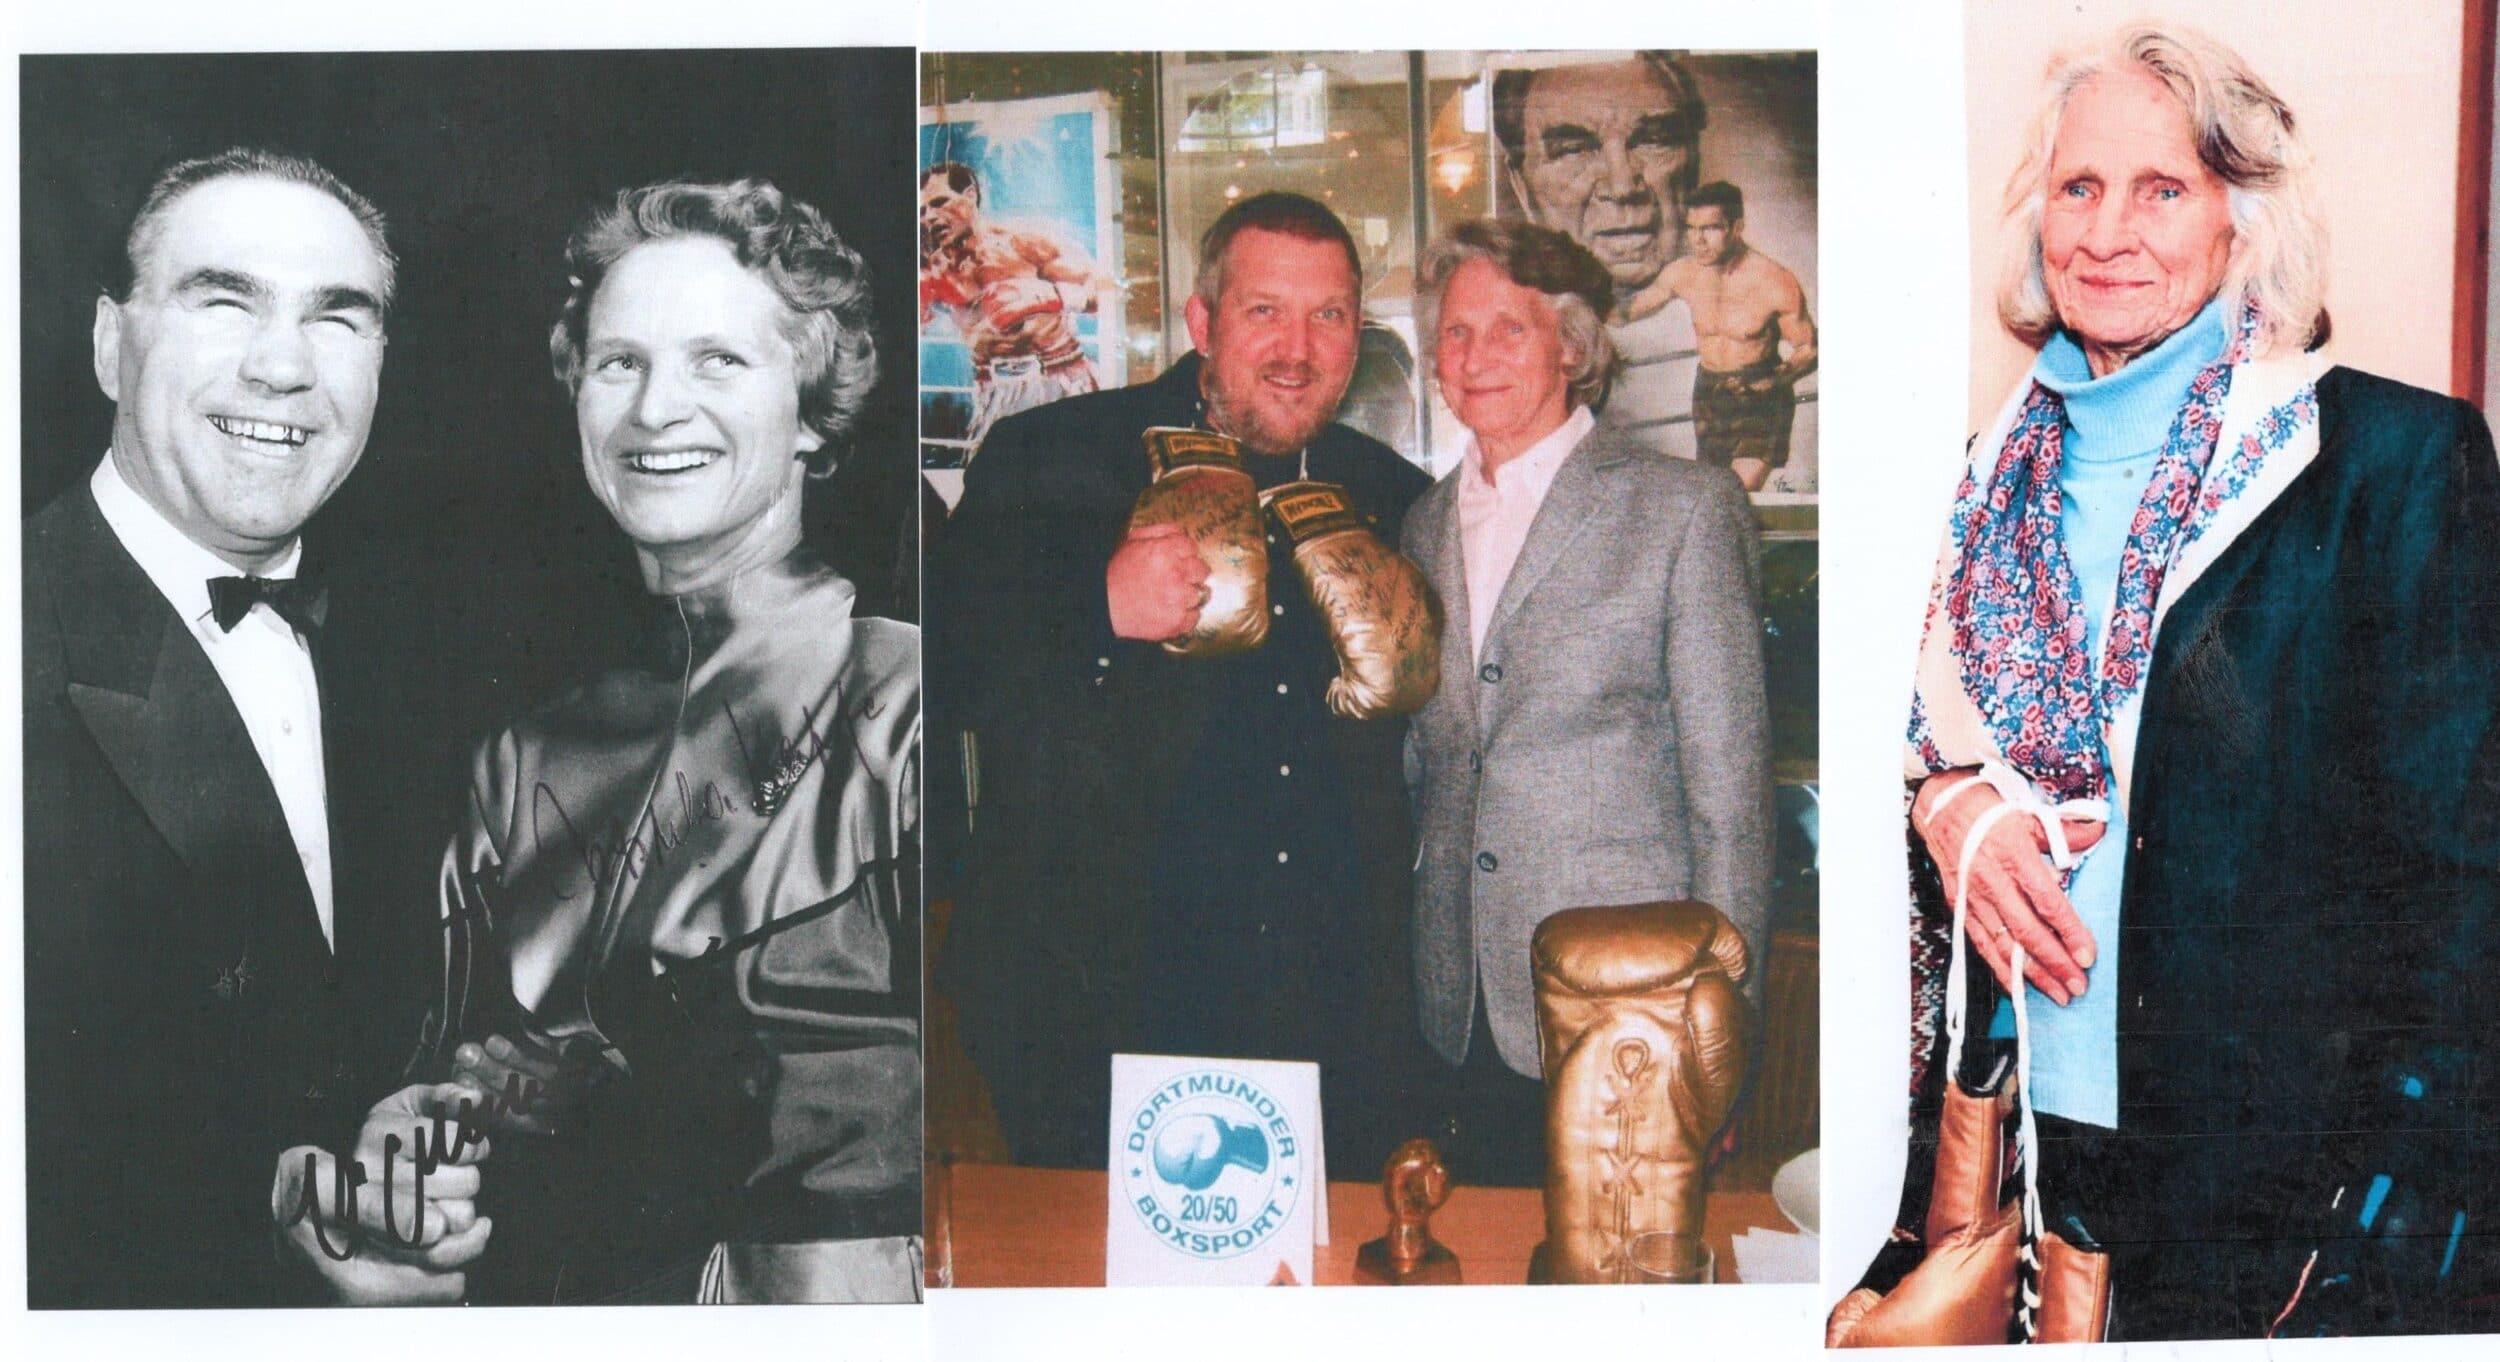 (v. l.) Ursula Happe mit Boxweltmeister Max Schmeling, mit Schauspieler Dietmar Bär und  beim 153. Prominenten-Stammtisch des Dortmunder Boxsport 20/50 im Februar 2020. (Collage: DBS 20/50)